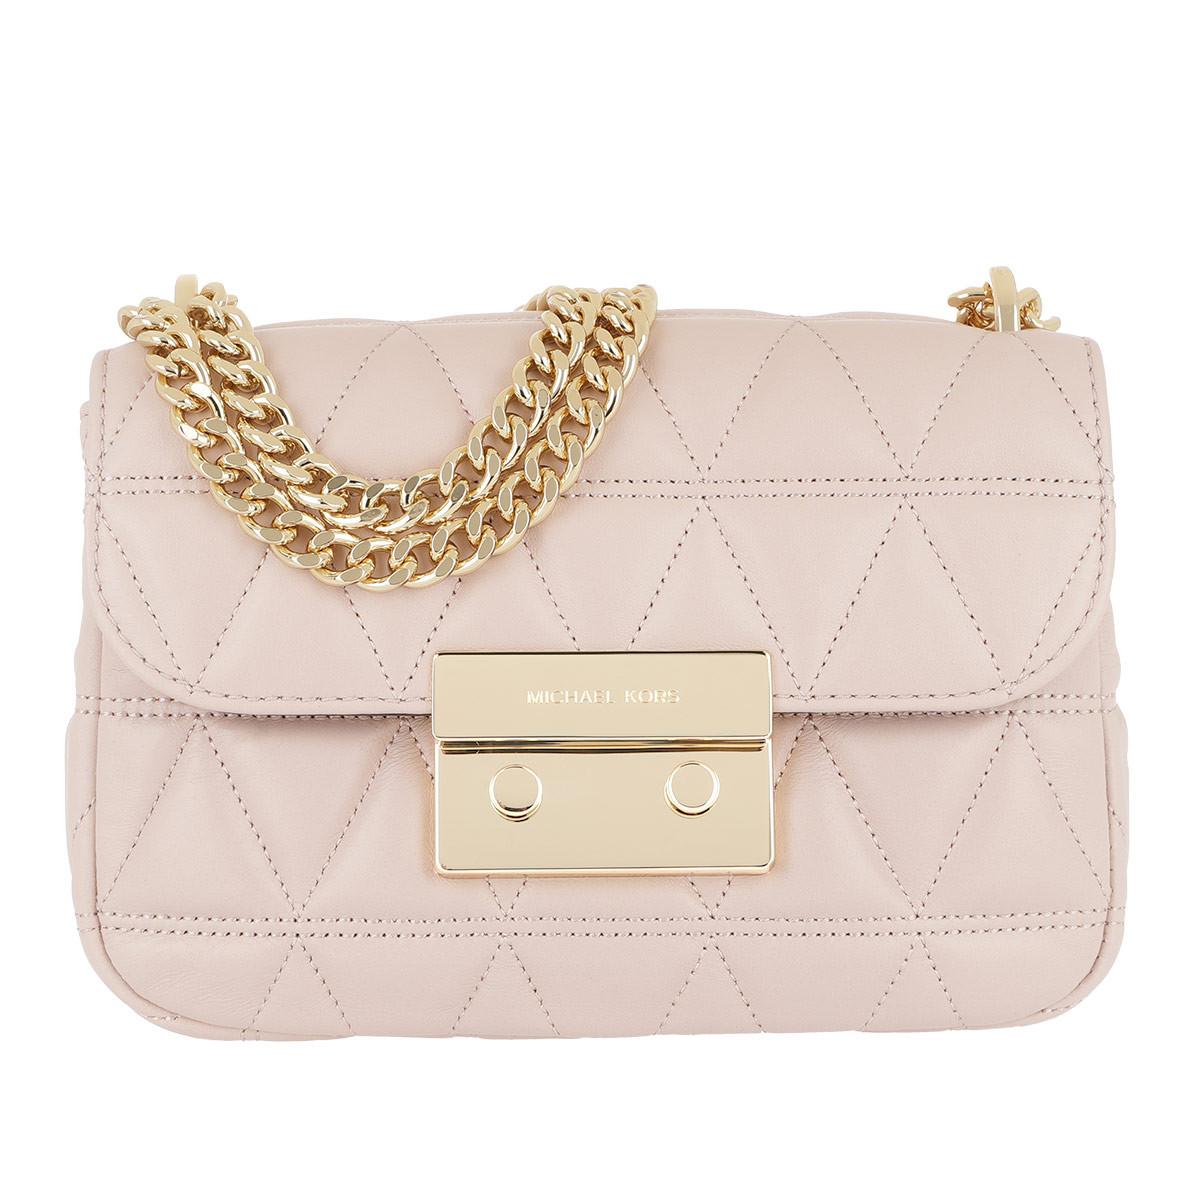 dbINyu2OOL Schoudertassen - Sloan SM Chain Shoulder Bag Soft Pink in roze voor dames Kwaliteit Gratis Verzending Outlet CJIpQ99f